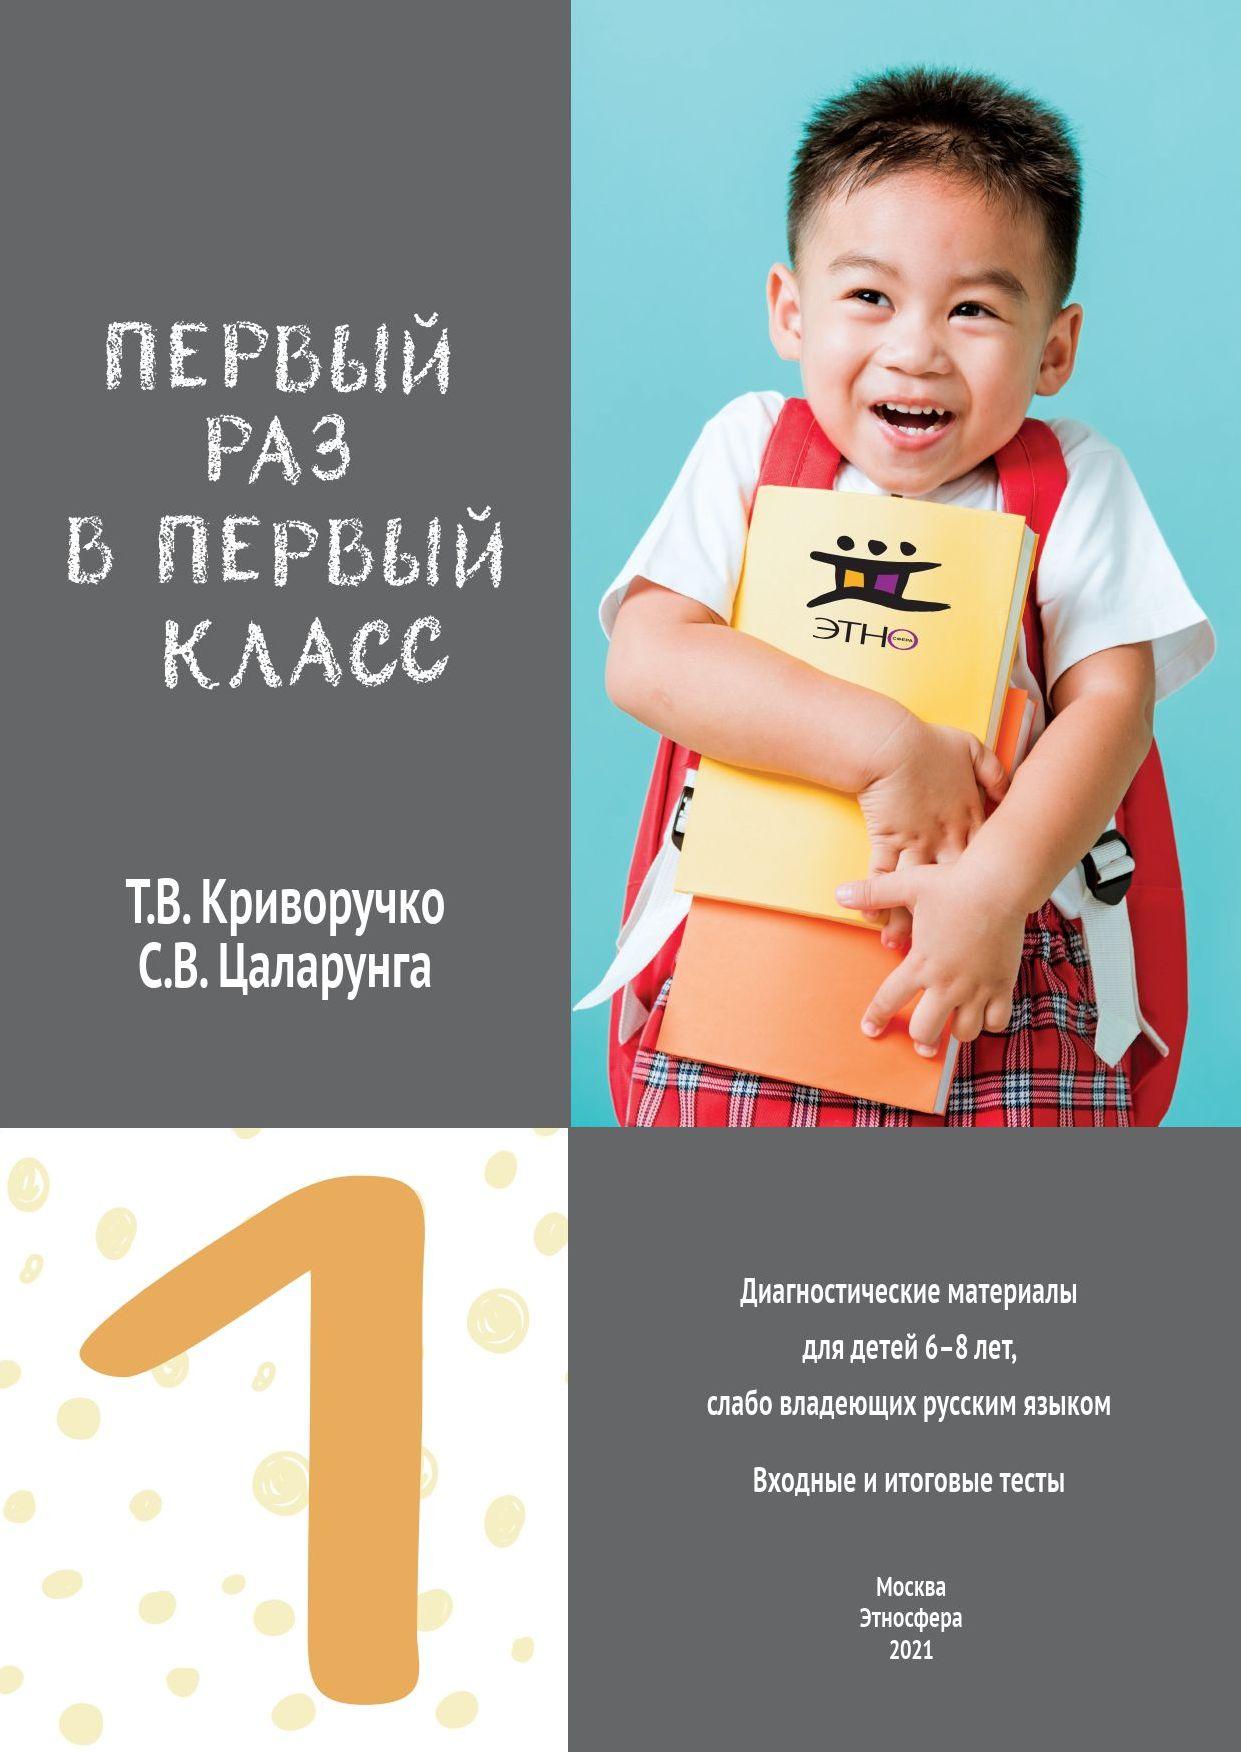 Первый раз в первый класс: в издательском доме «Этносфера» вышло методическое пособие для диагностики детей-инофонов